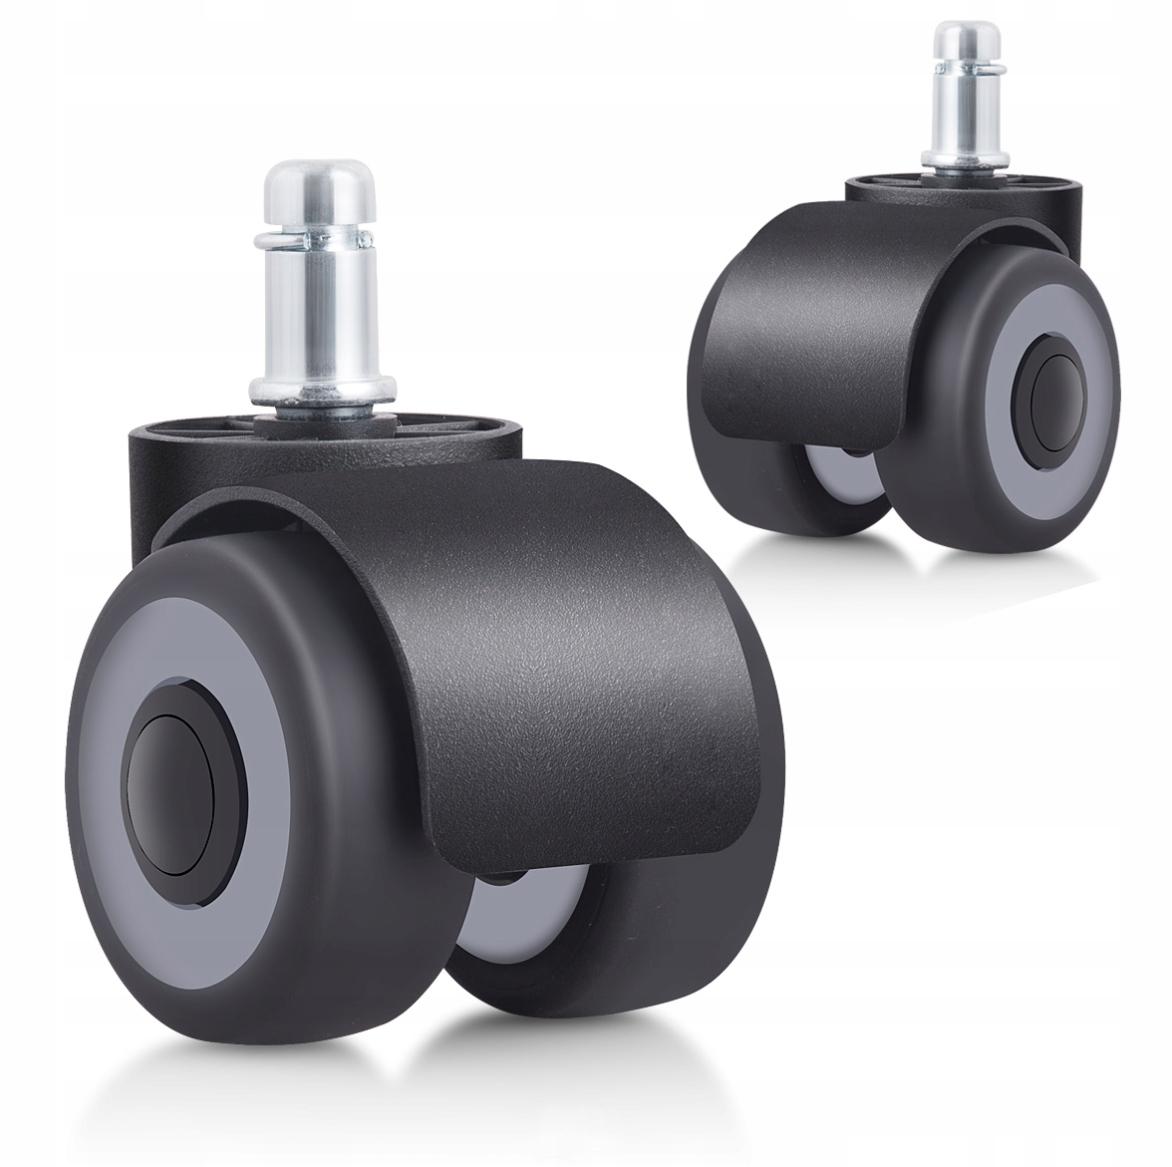 5шт. Резиновые каучуковые колеса на шарикоподшипниках.